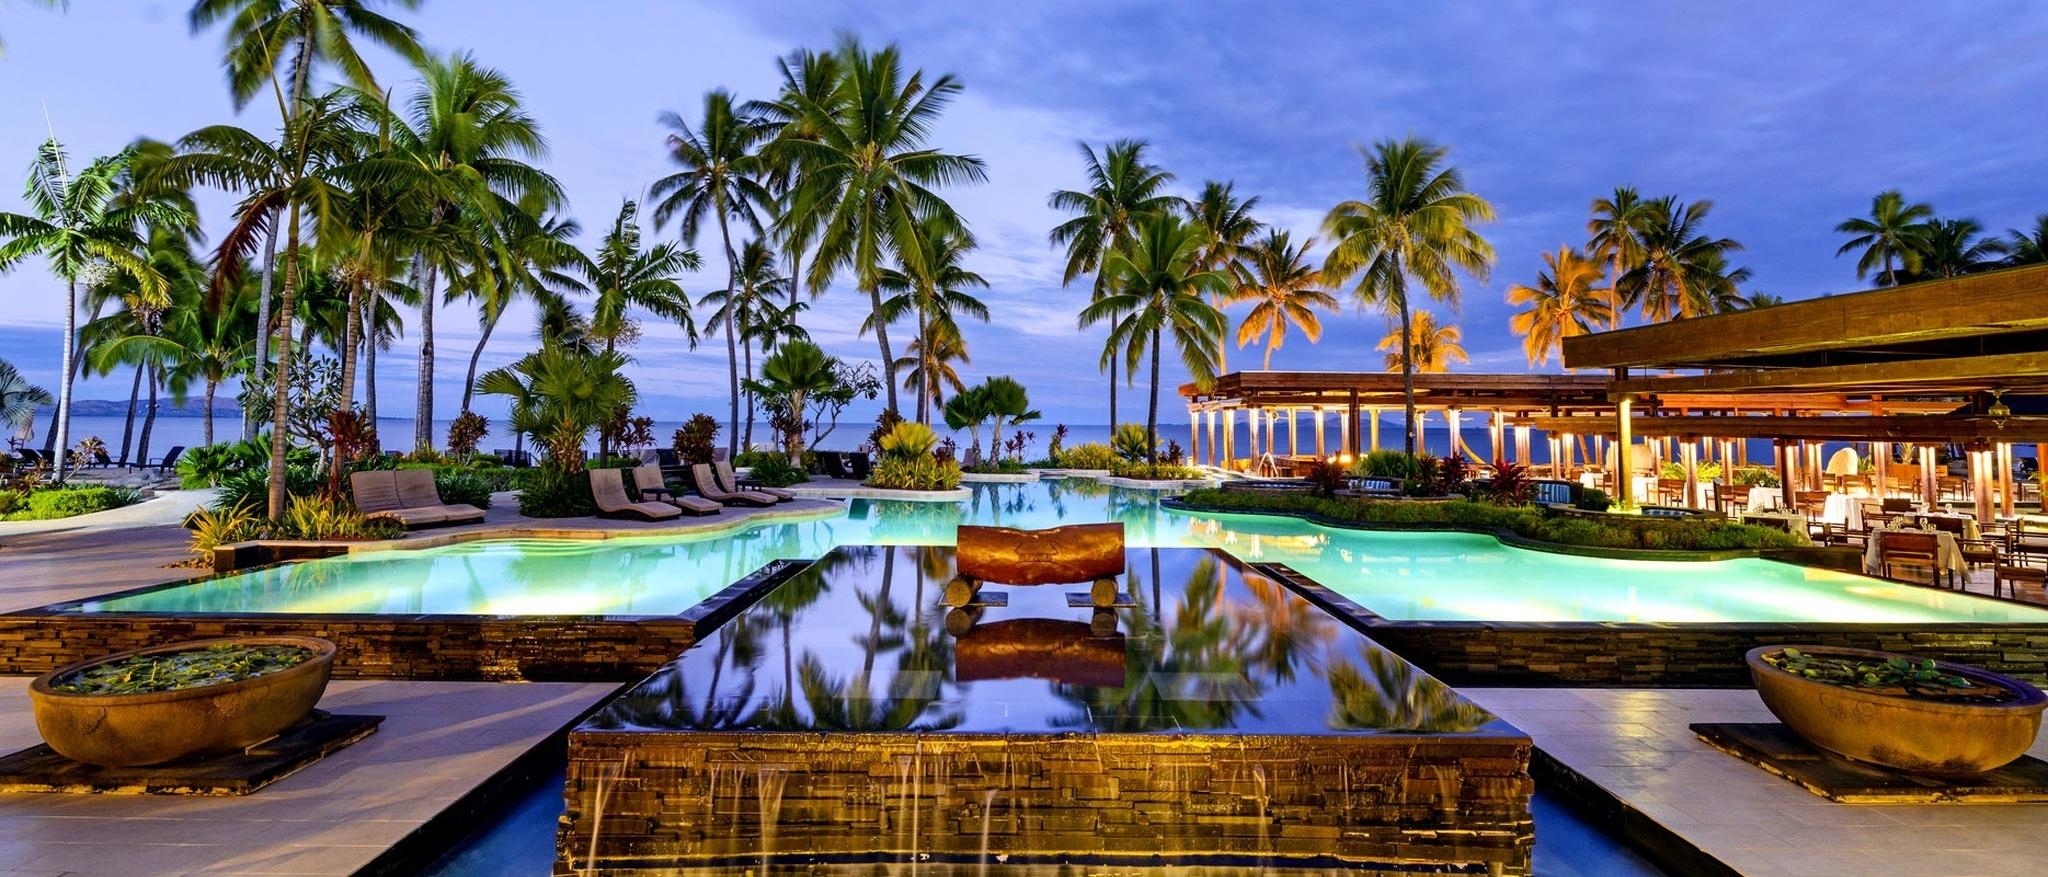 Sheraton Fiji Resort. Photo: Sheraton FIJI